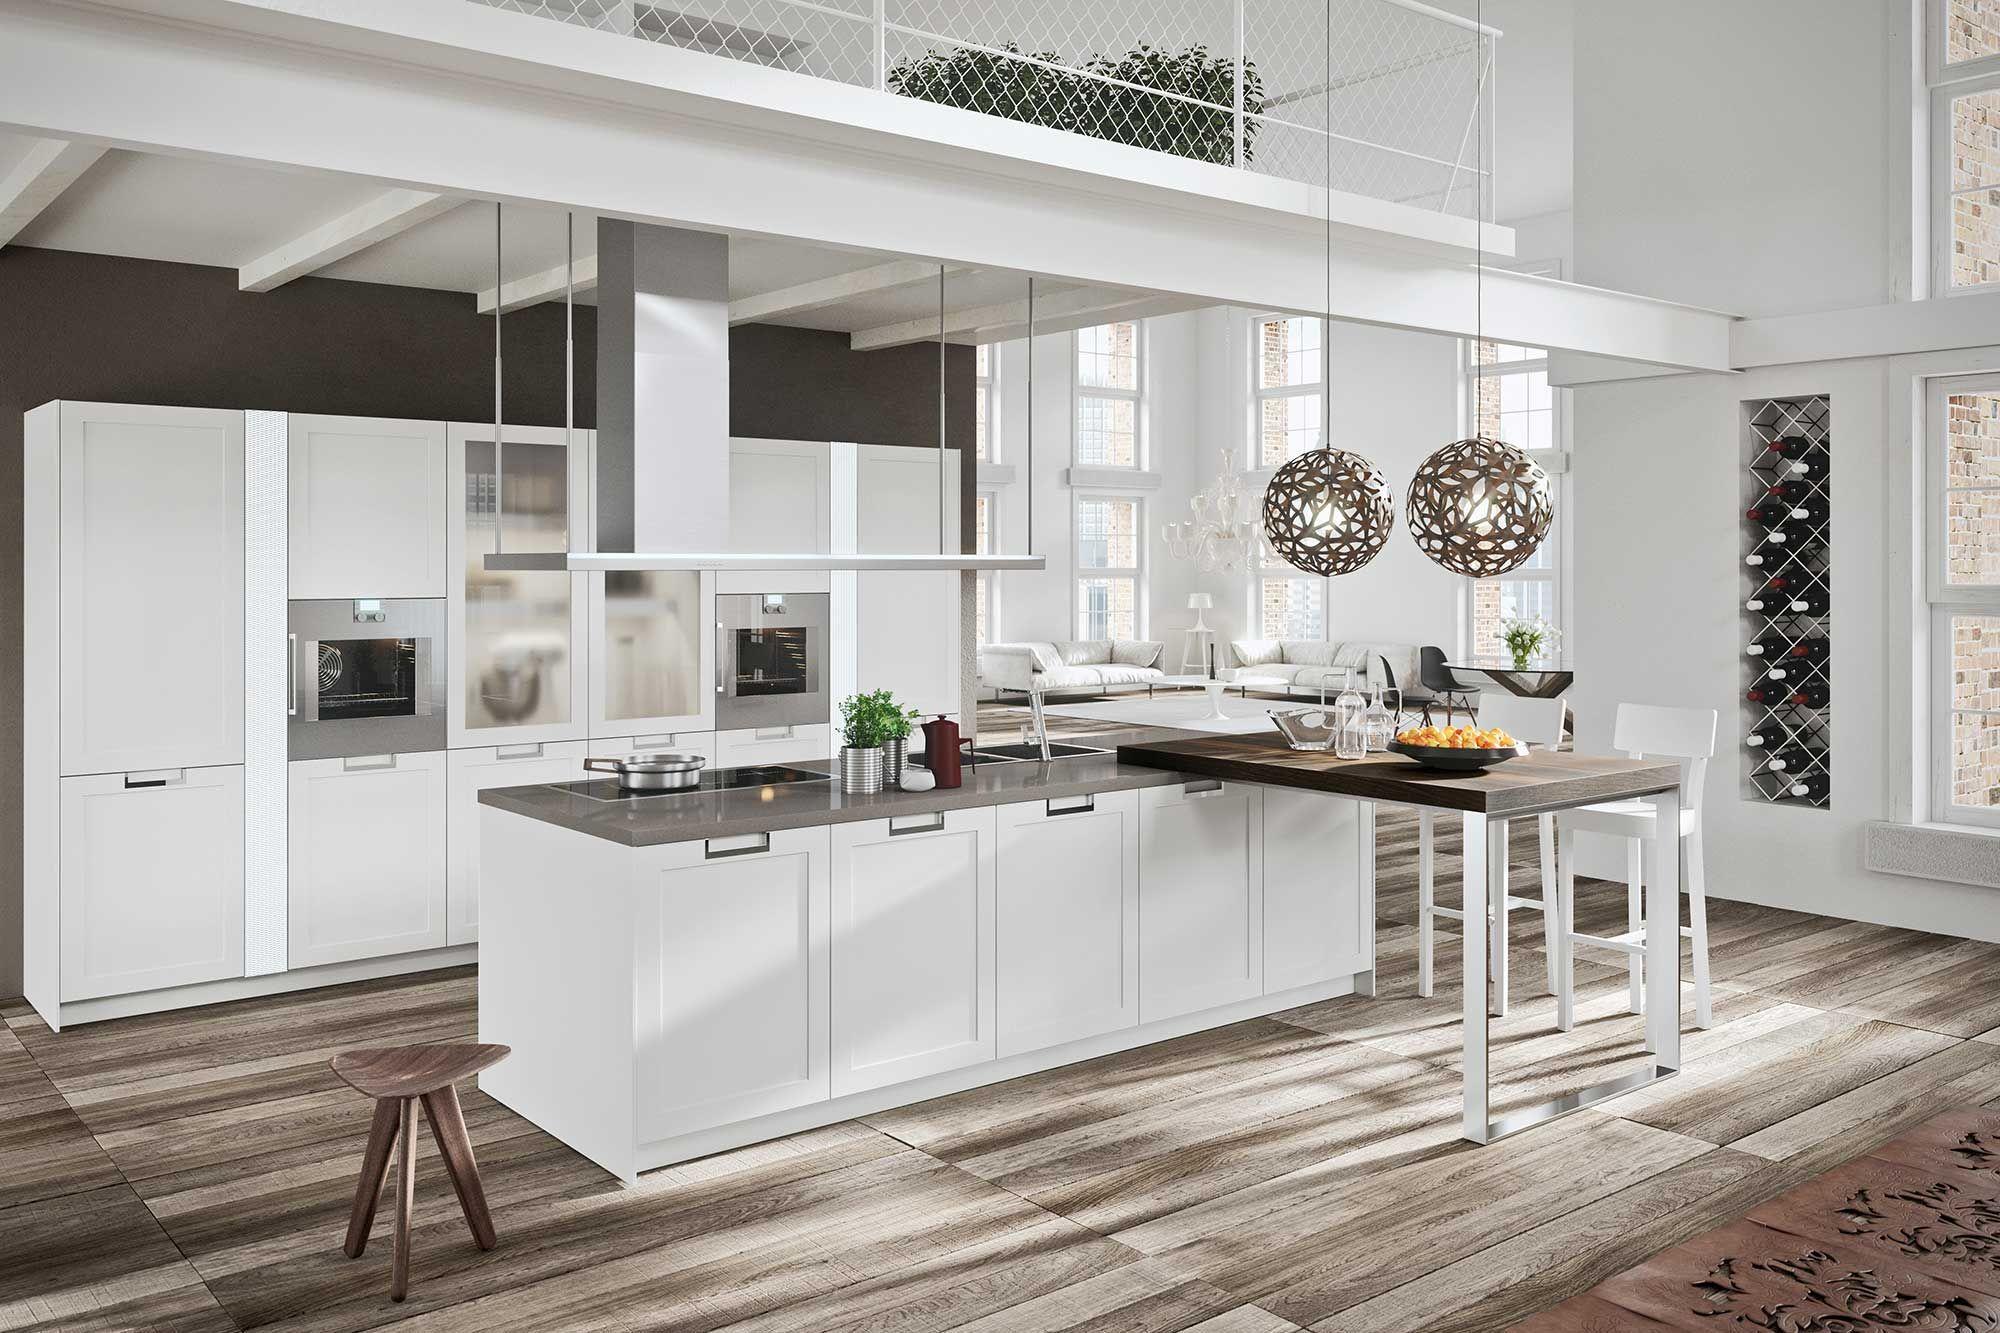 Cucine in legno: design classico contemporaneo Lux Classic ...